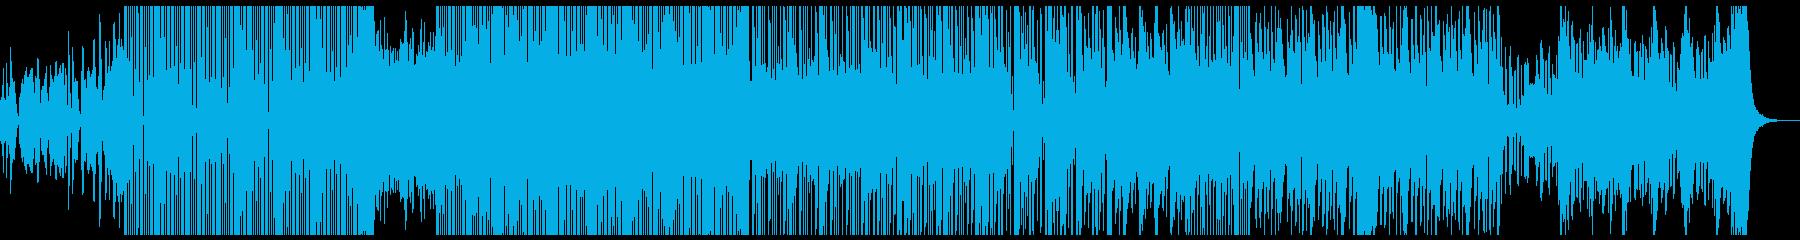 明るく陽気な雰囲気から、ダークな曲調にの再生済みの波形